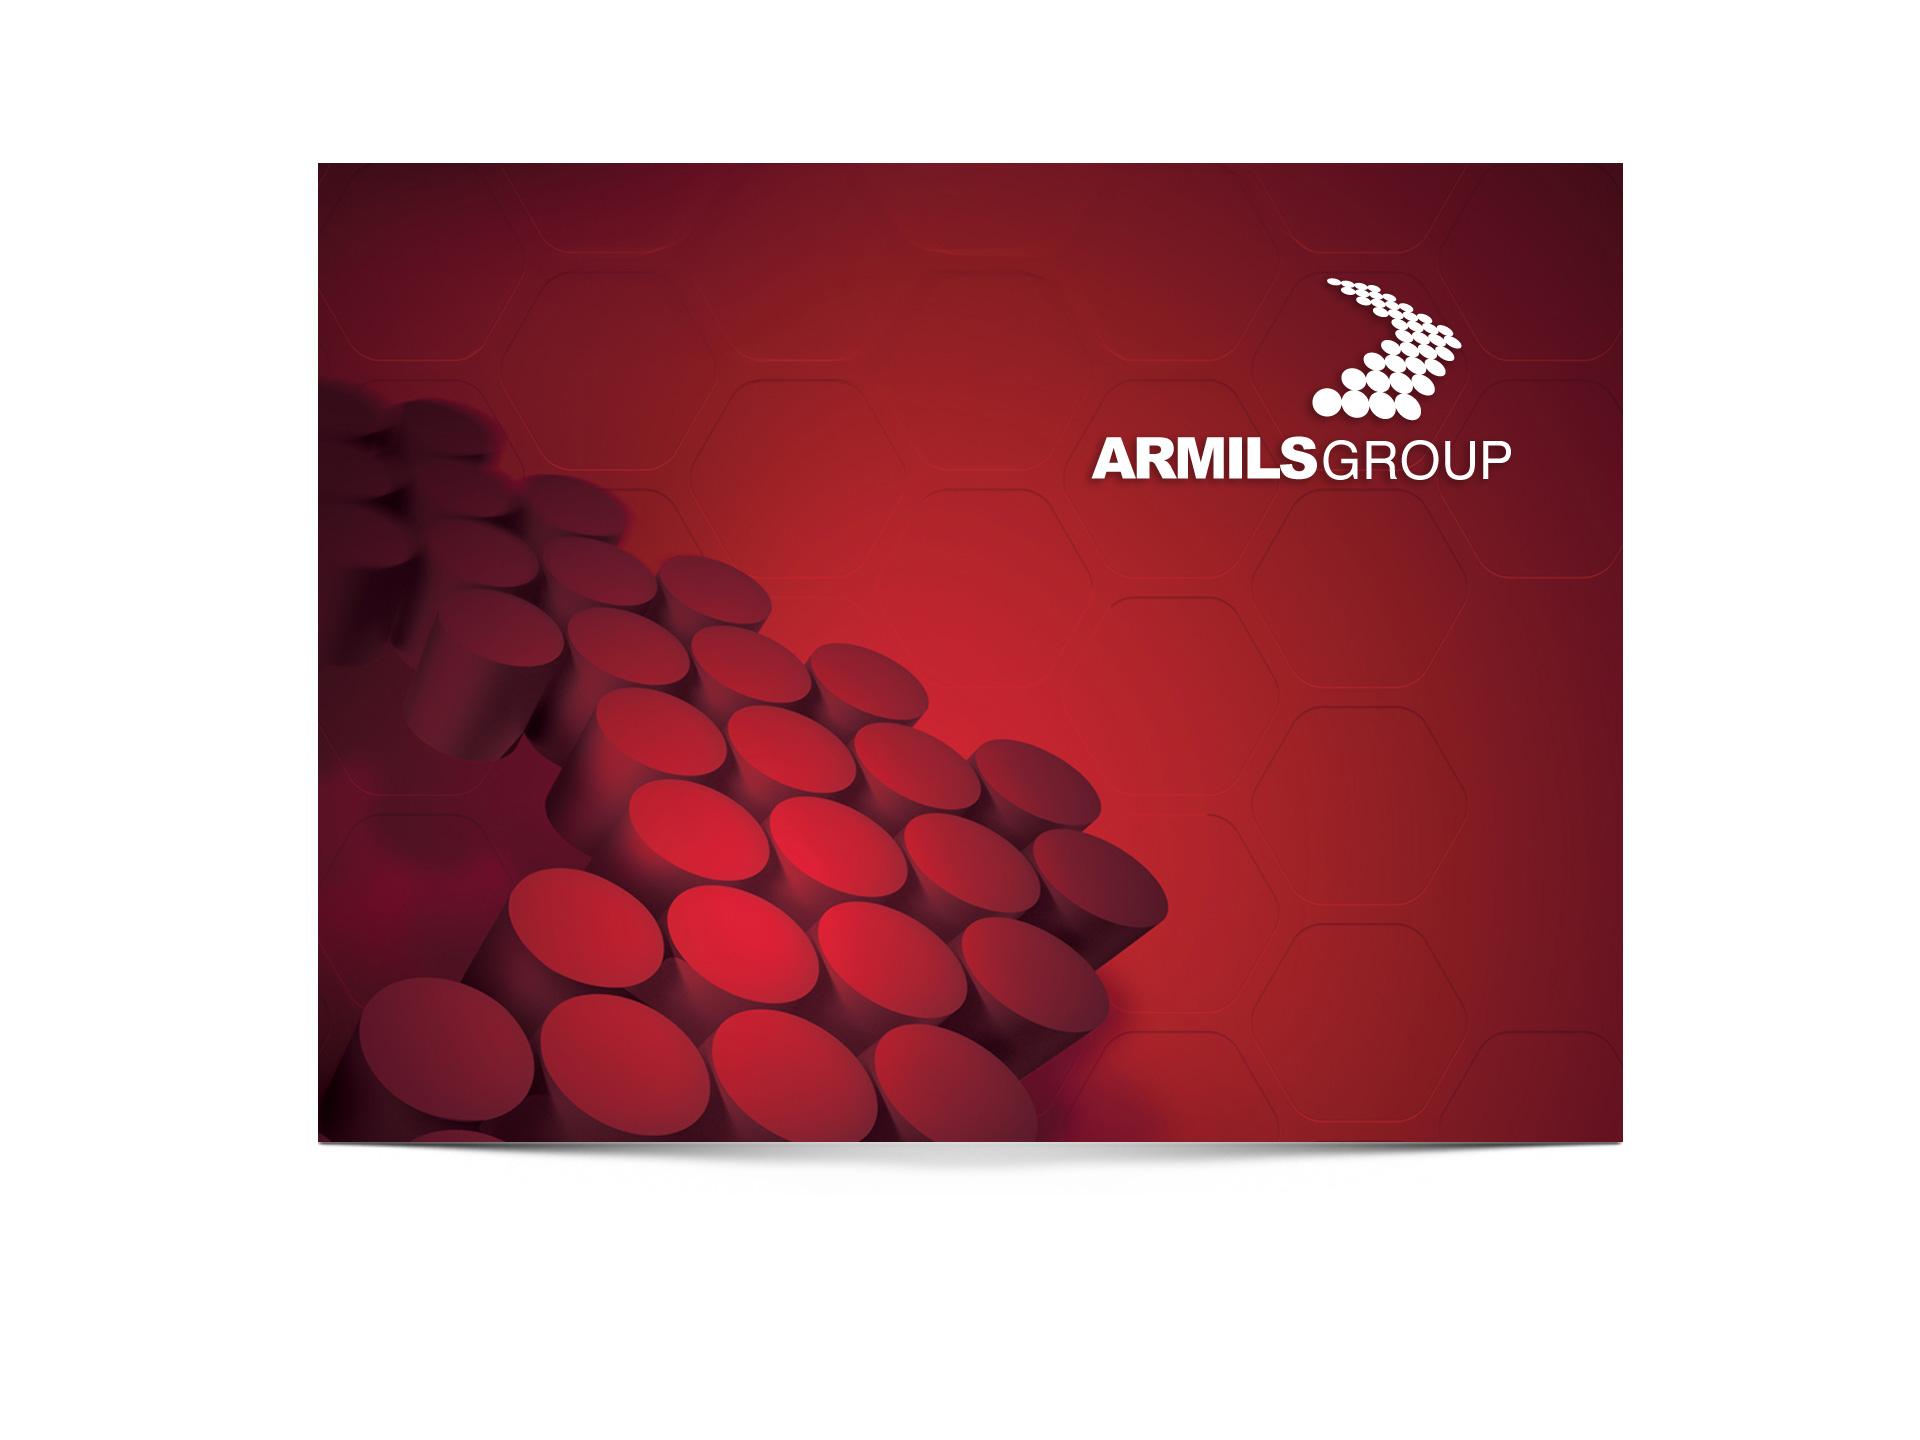 armilsgroup